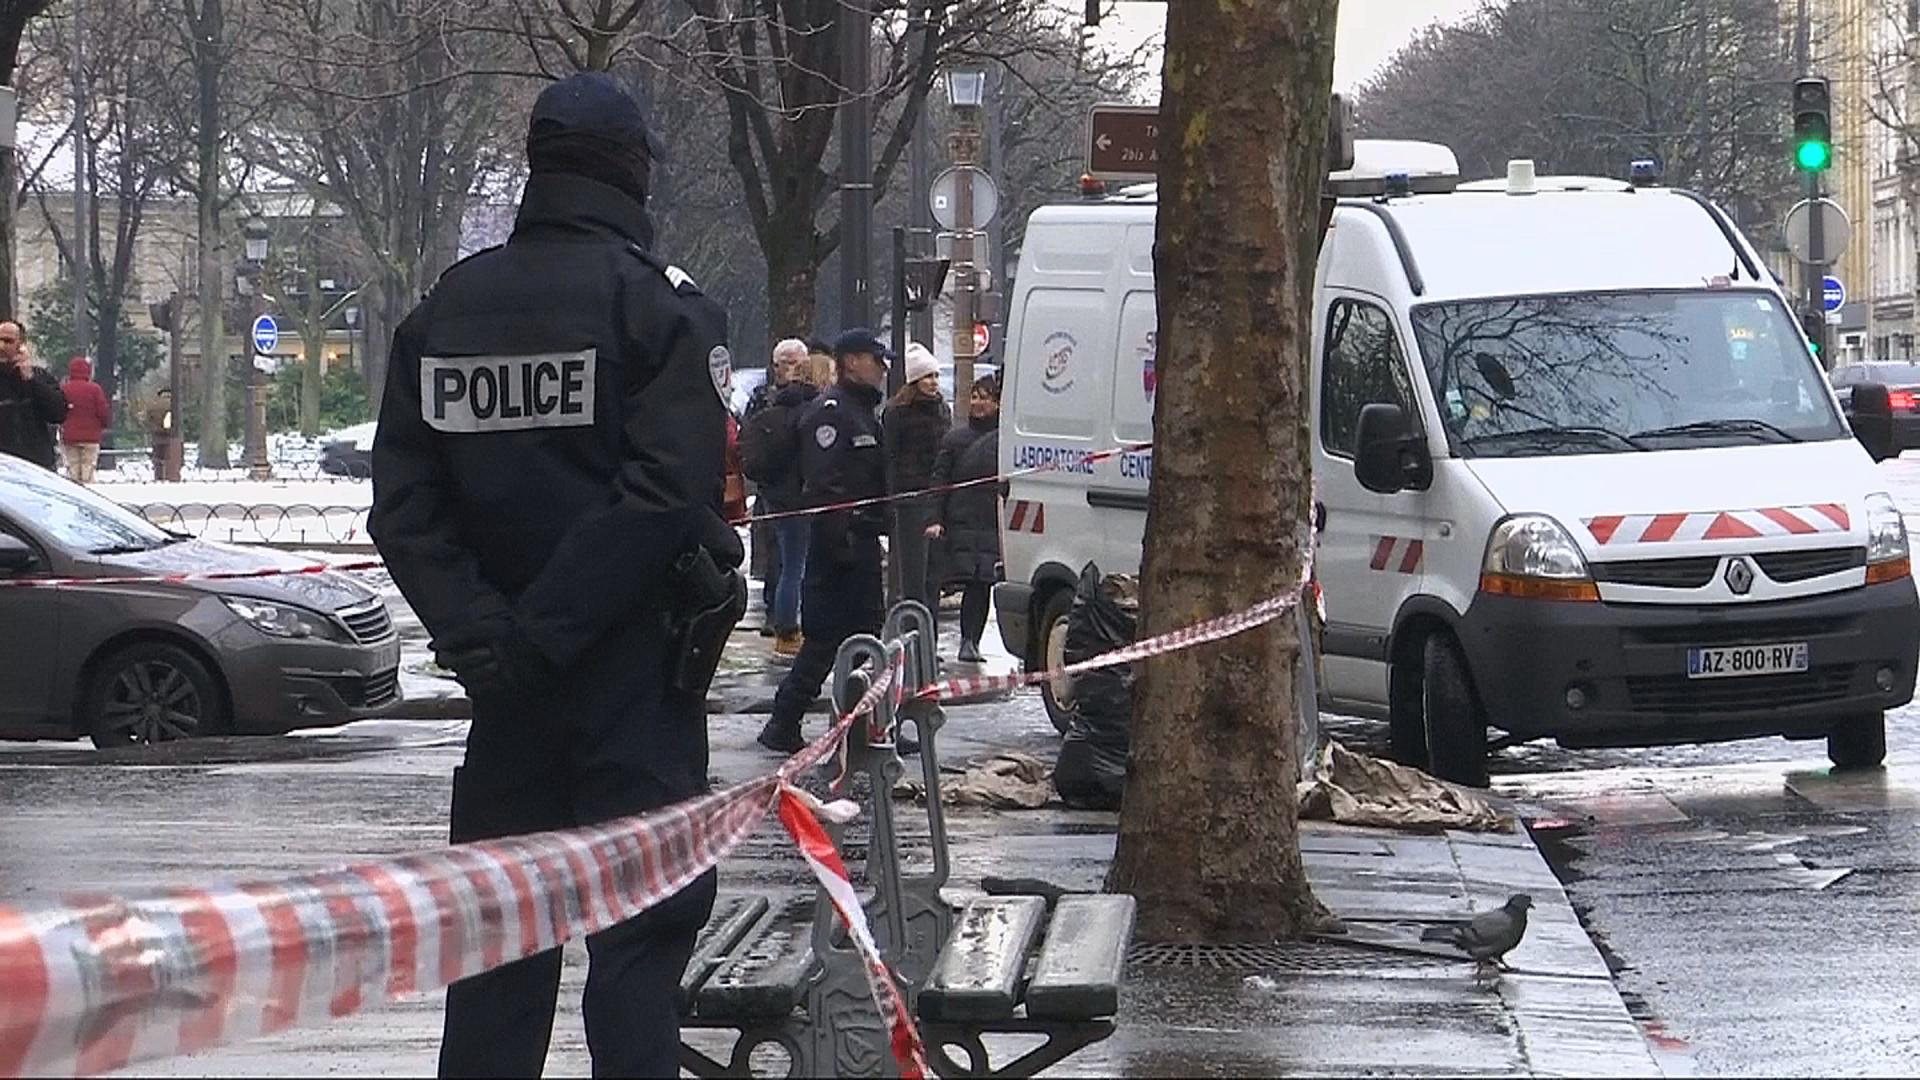 Во Франции ищут людей, ограбивших банк в центре Парижа